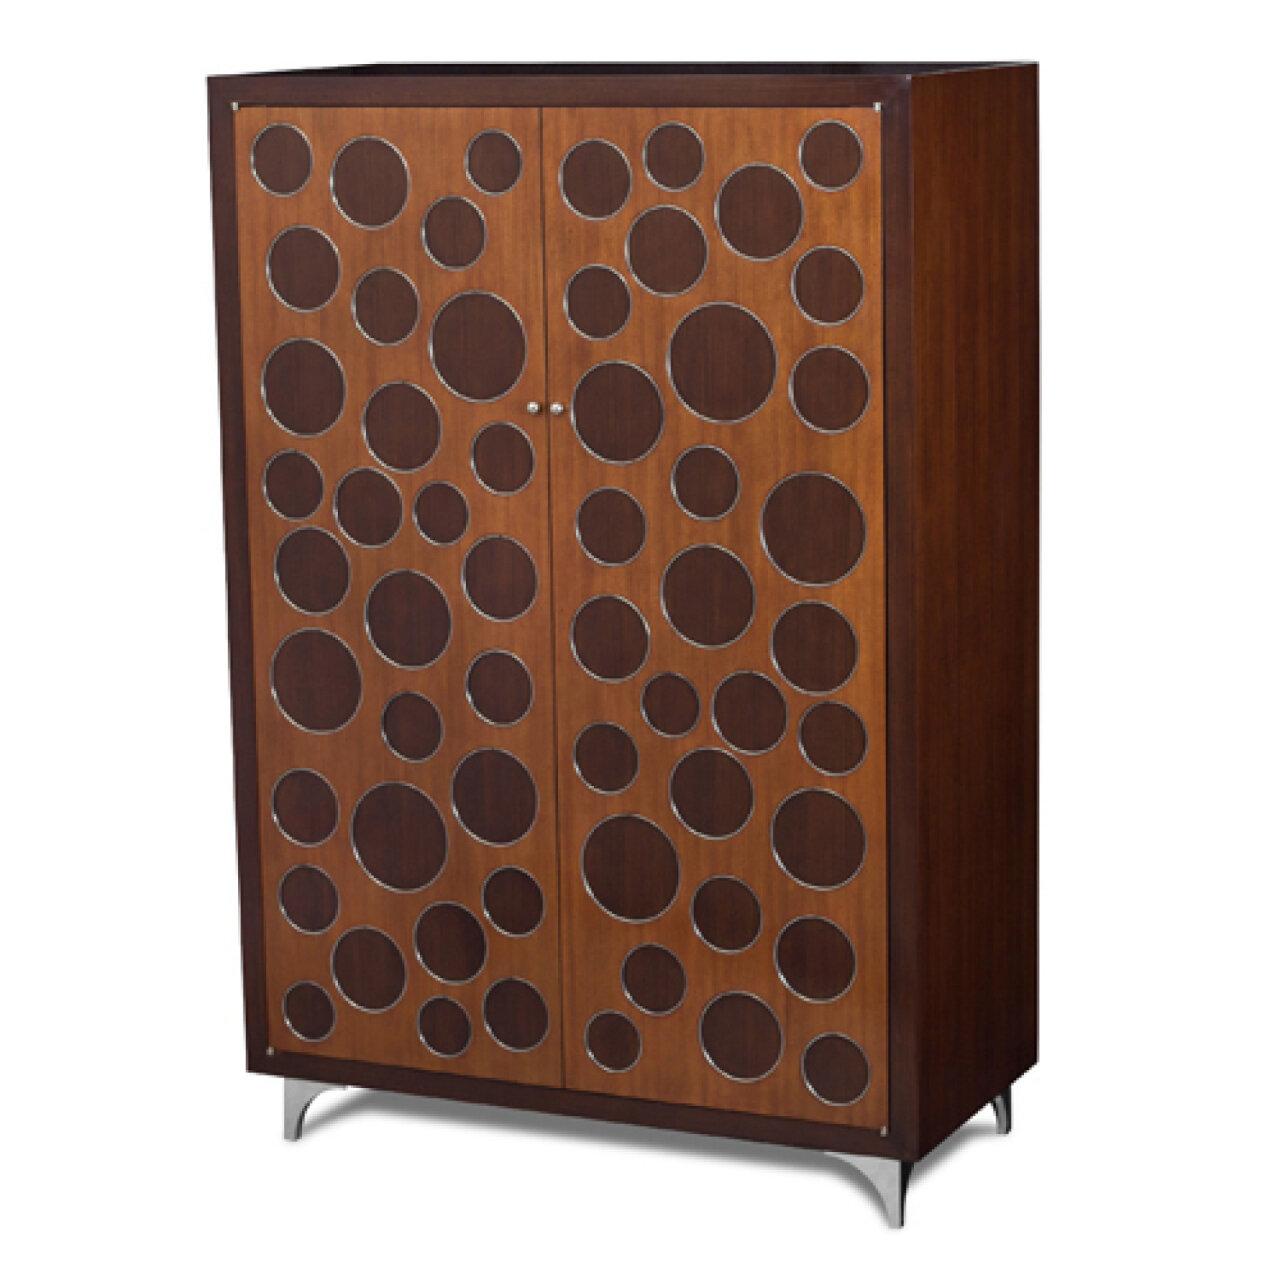 sh44-082511a-bar-cabinet (1).jpg